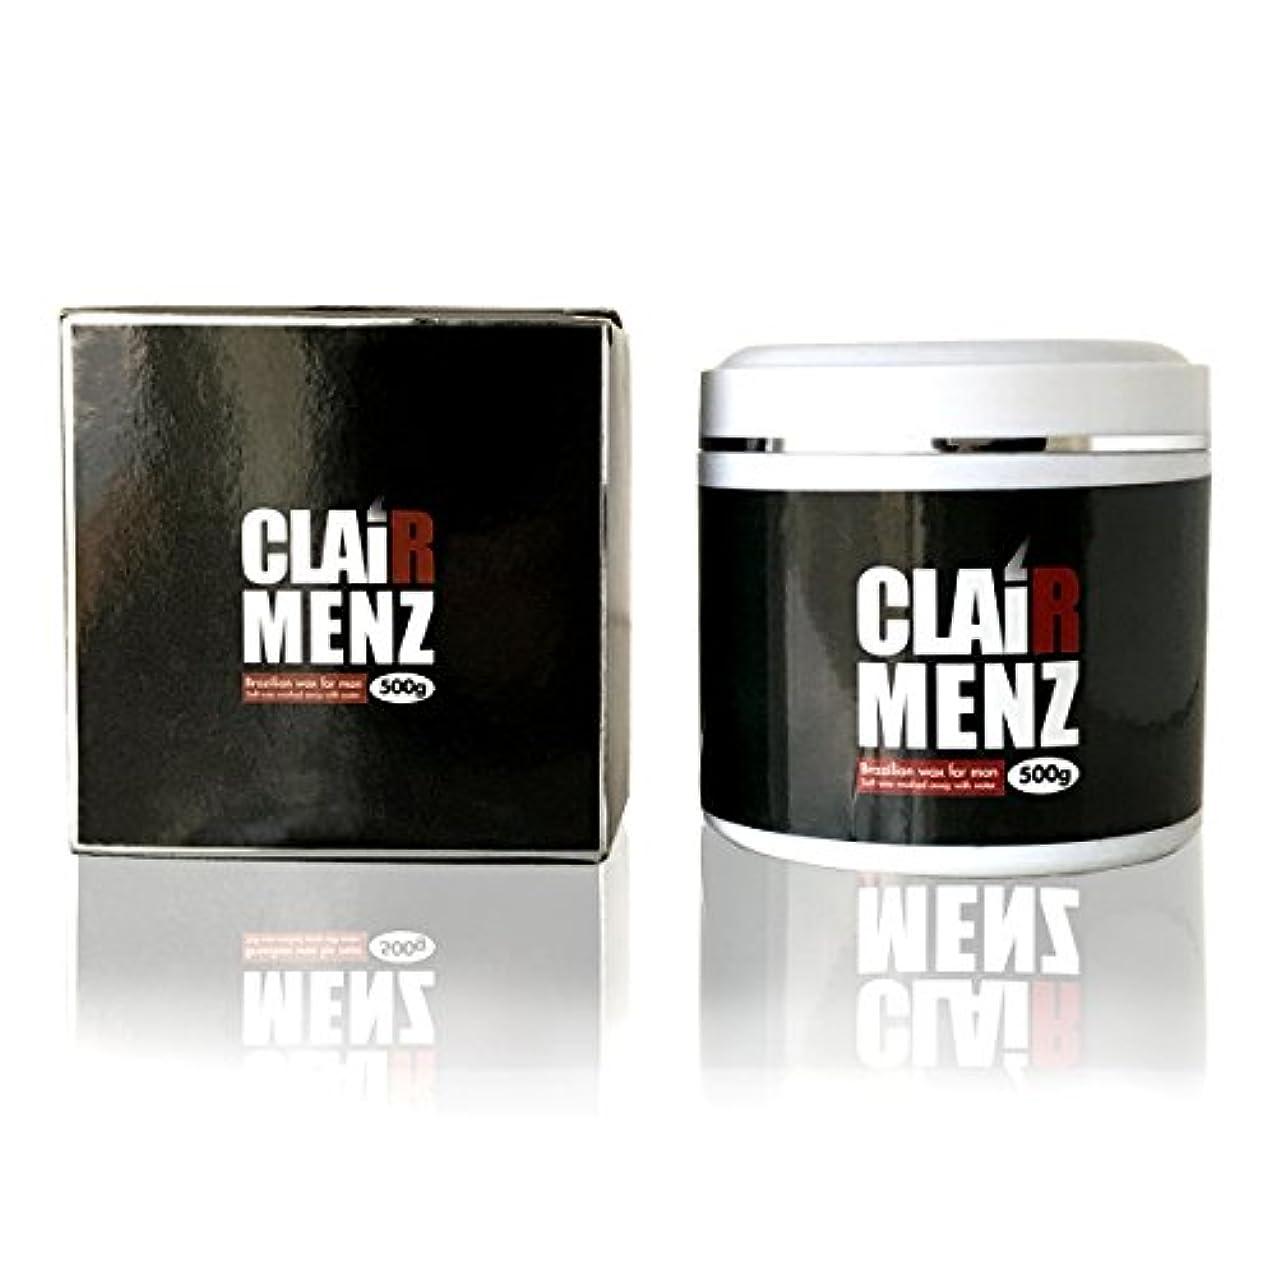 慈善宗教いろいろブラジリアンワックス メンズ専用 clair Menz wax 500g(単品) メンズ脱毛専用ラベル 無添加ワックス 脱毛ワックス